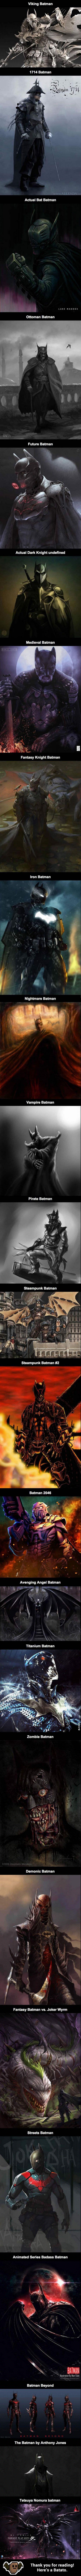 Alternate Fan Art Takes On Batman